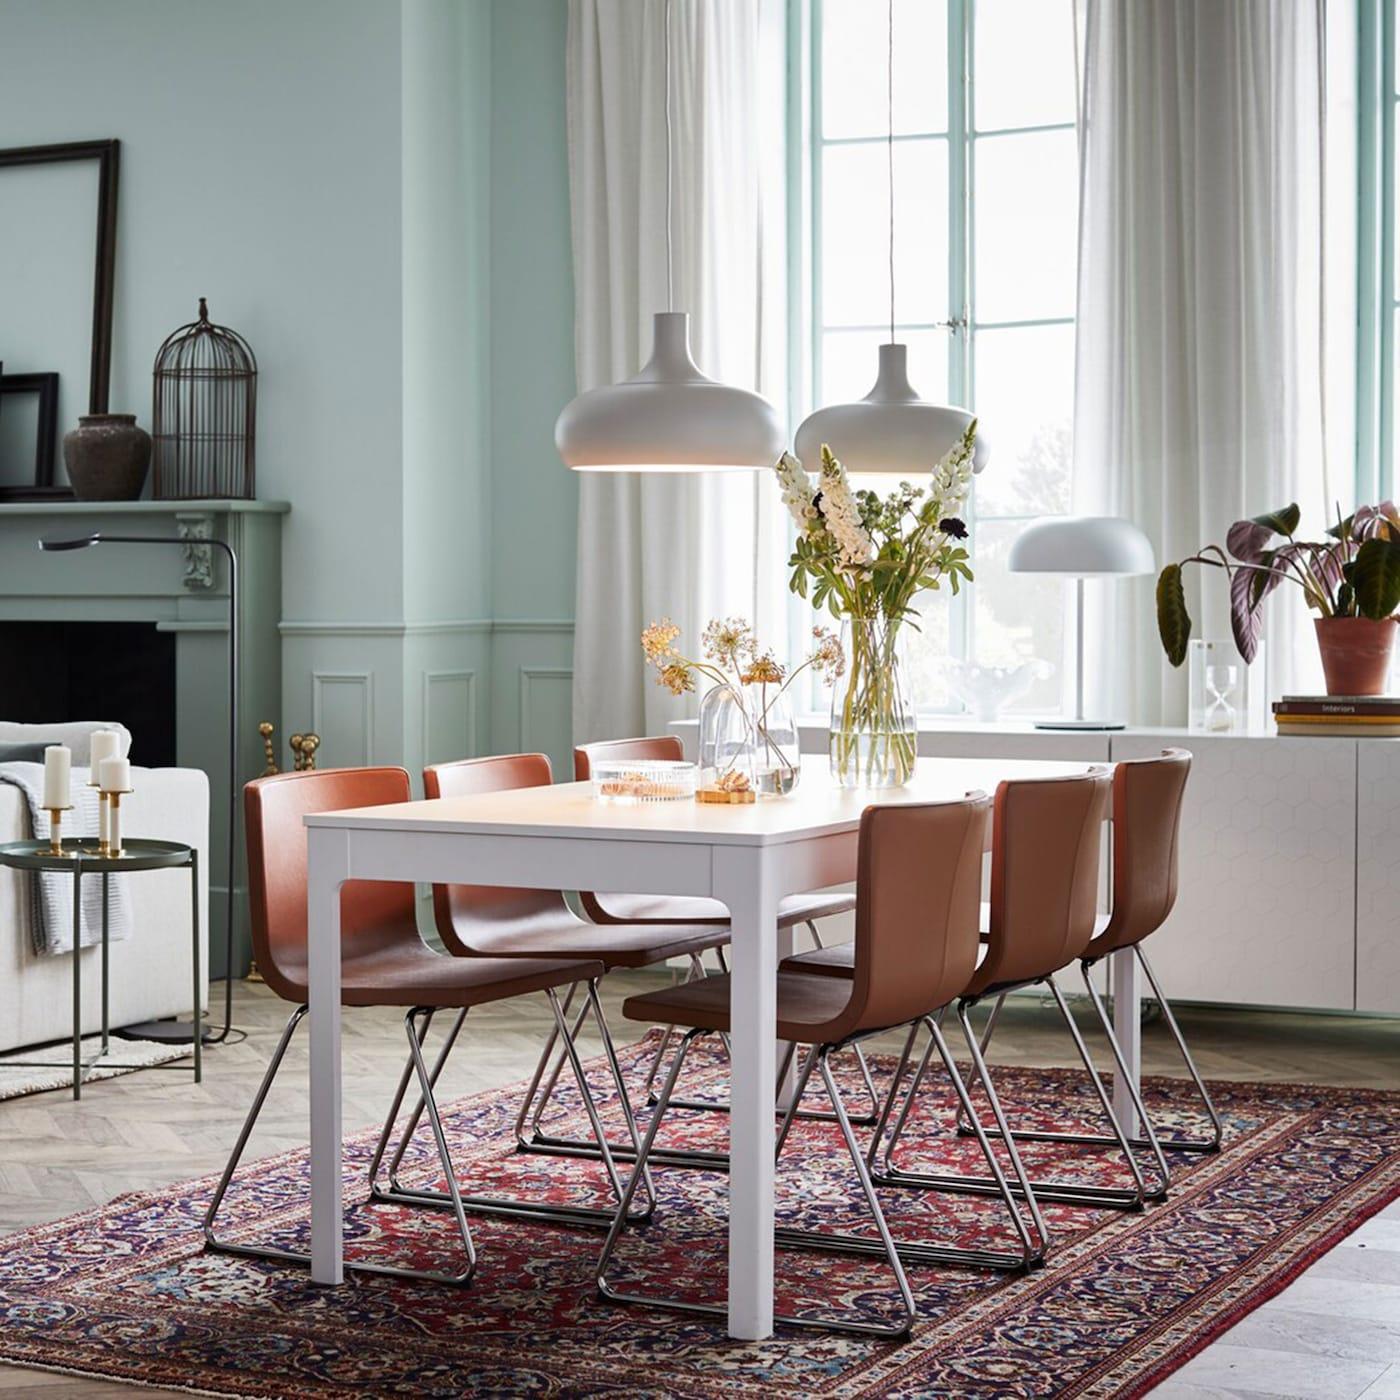 Le luxe mais à un prix abordable La table extensible IKEA EKEDALEN et les chaises en cuir brun BERNHARD créent une combinaison de salle à manger moderne.